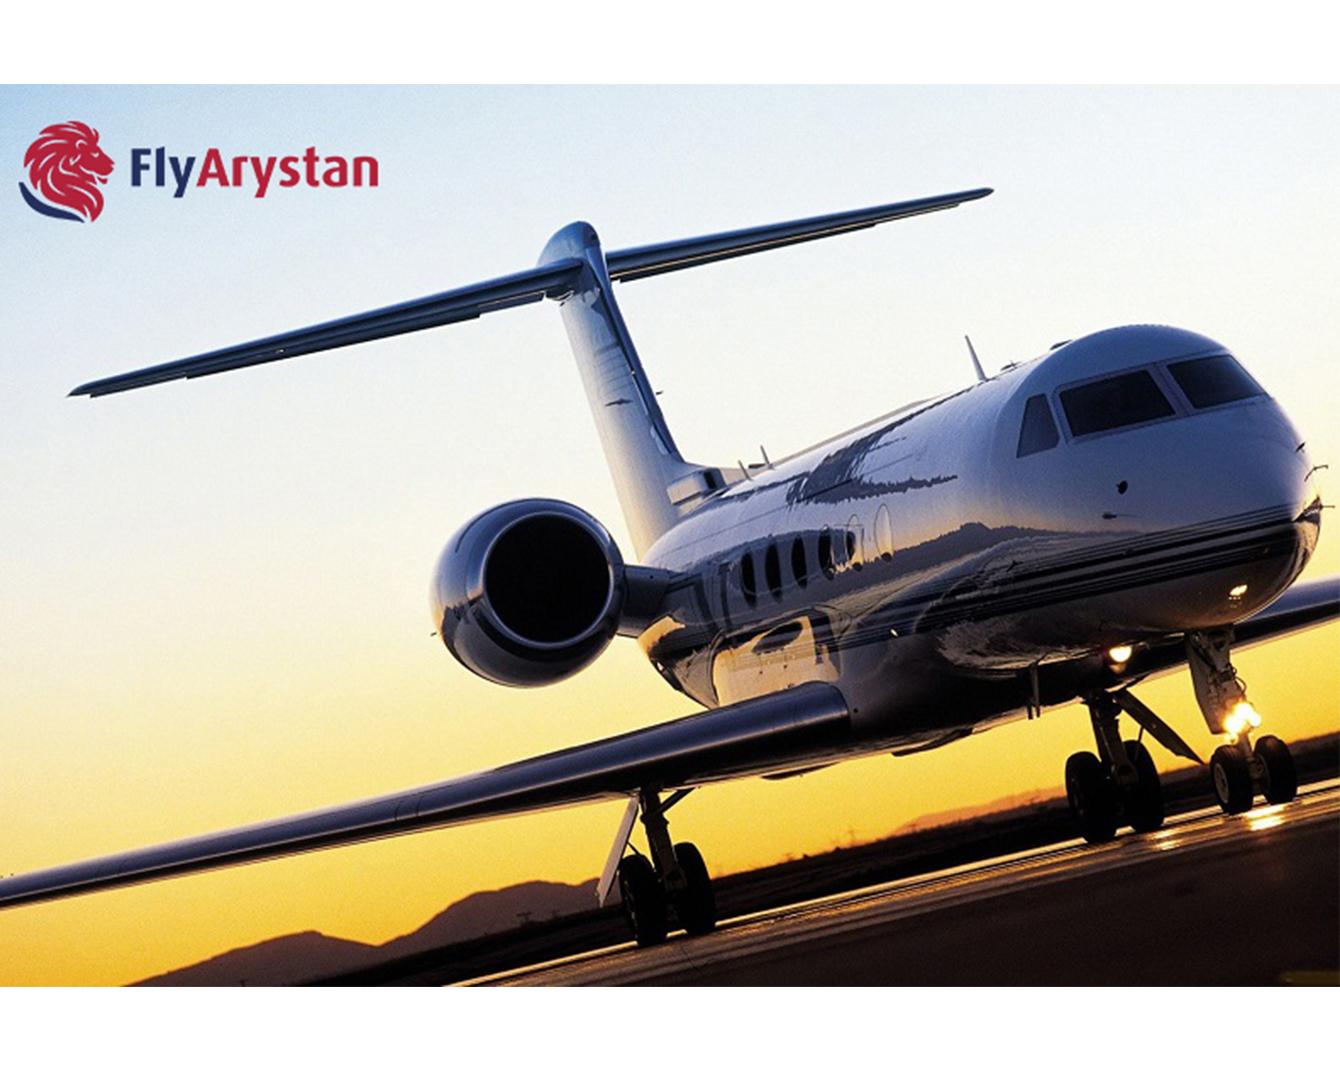 FlyArystan: Алматы - Шымкент бағытындағы әуе билеттері 5 мың теңгеден басталады